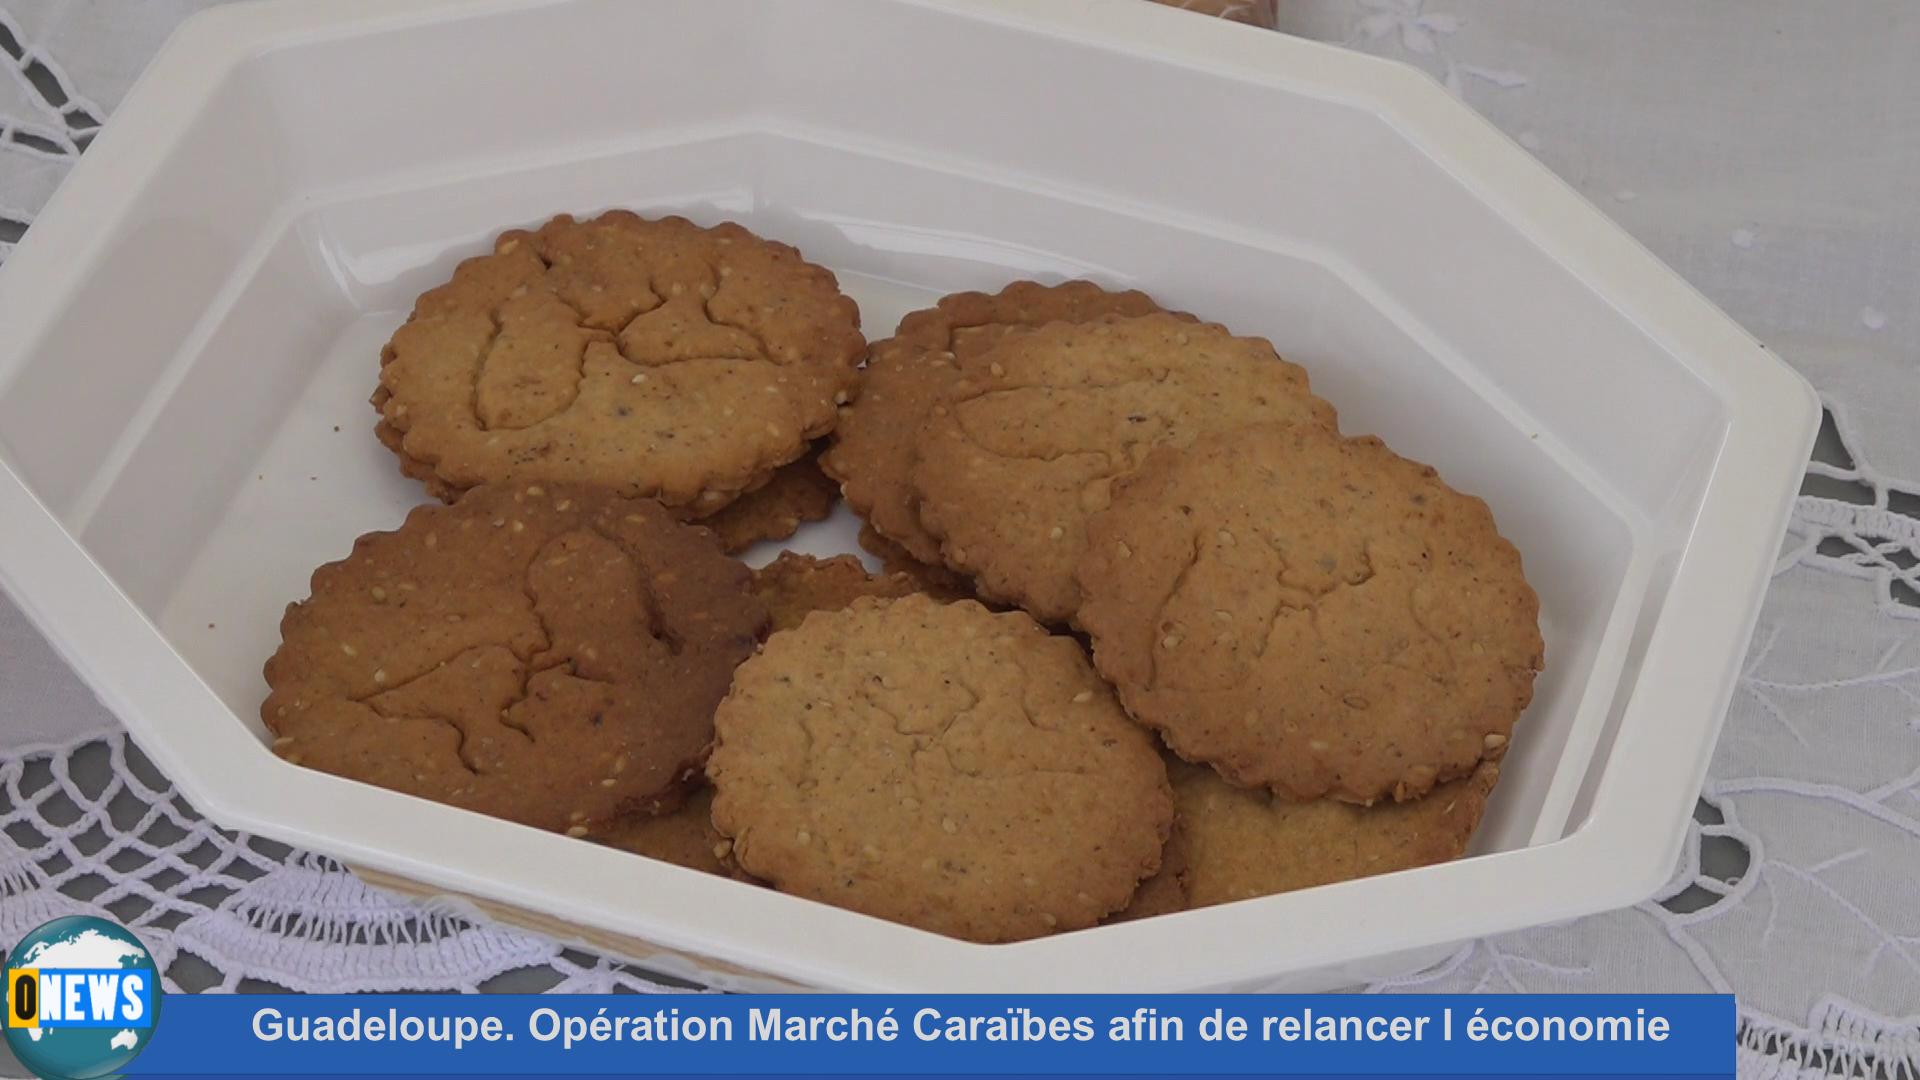 [Vidéo] Onews Guadeloupe. Opération Marché Caraïbes afin de relancer l économie.